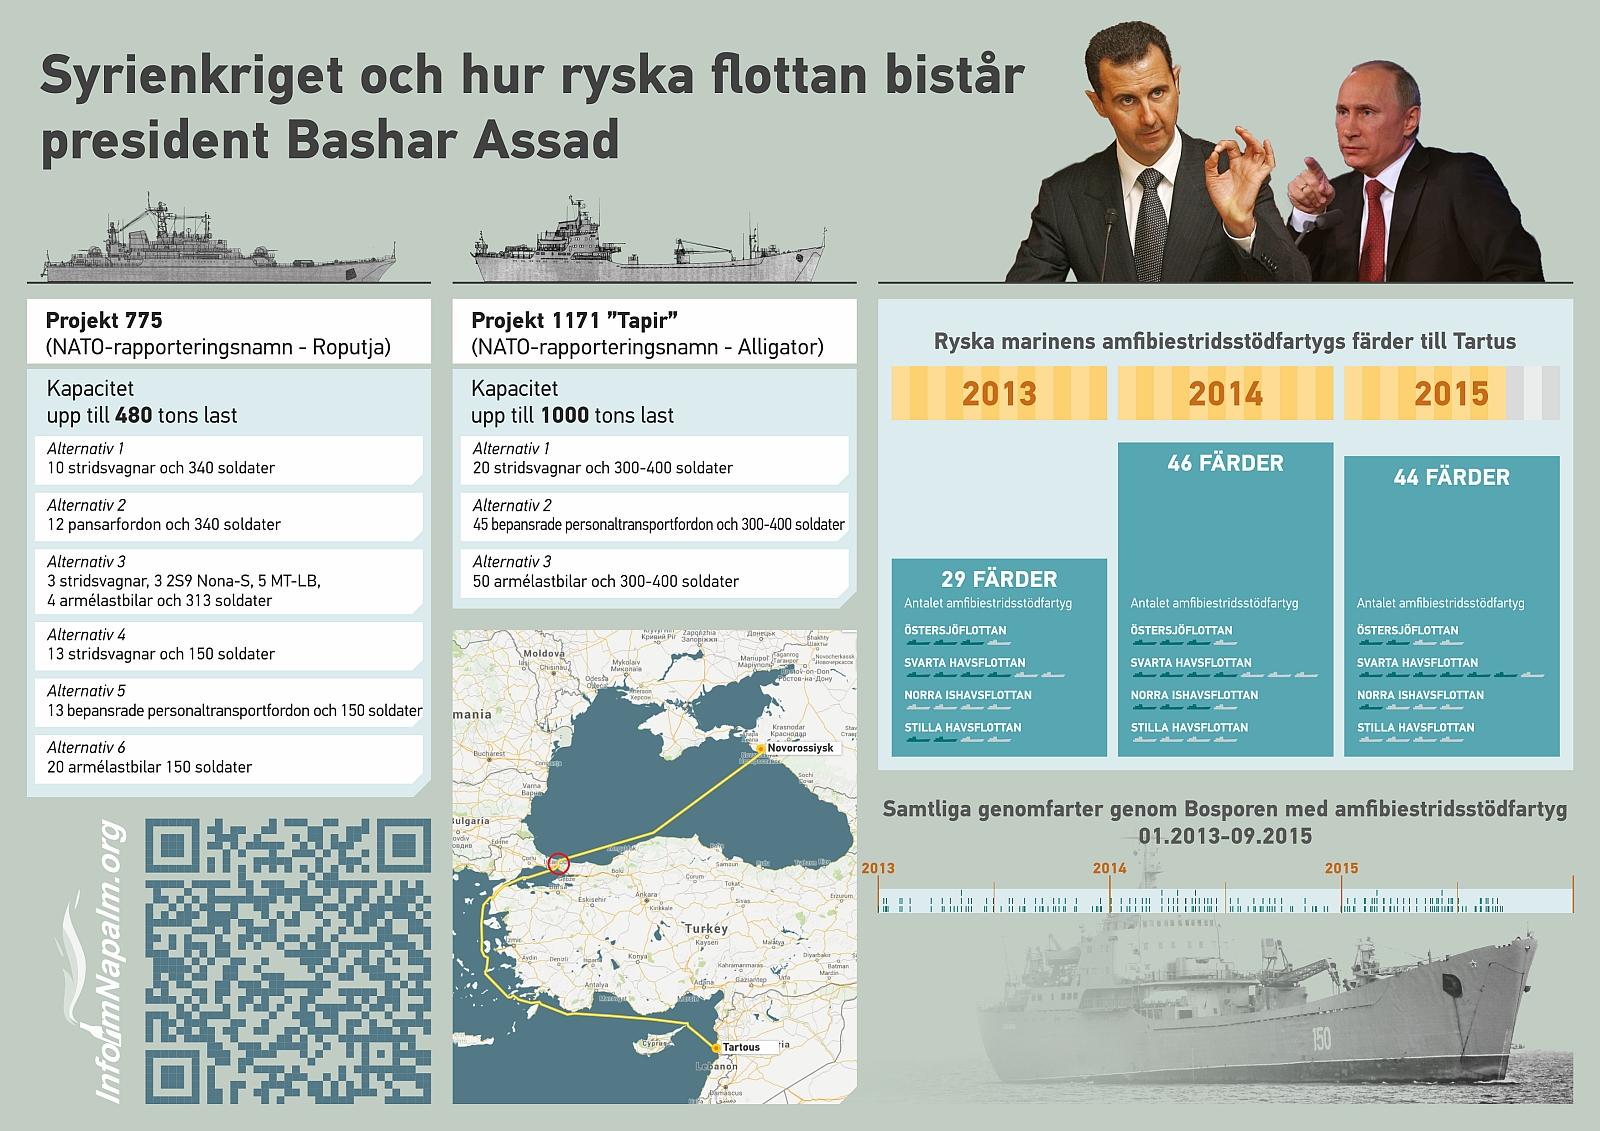 Hur ryska flottan bistår president Bashar Assad